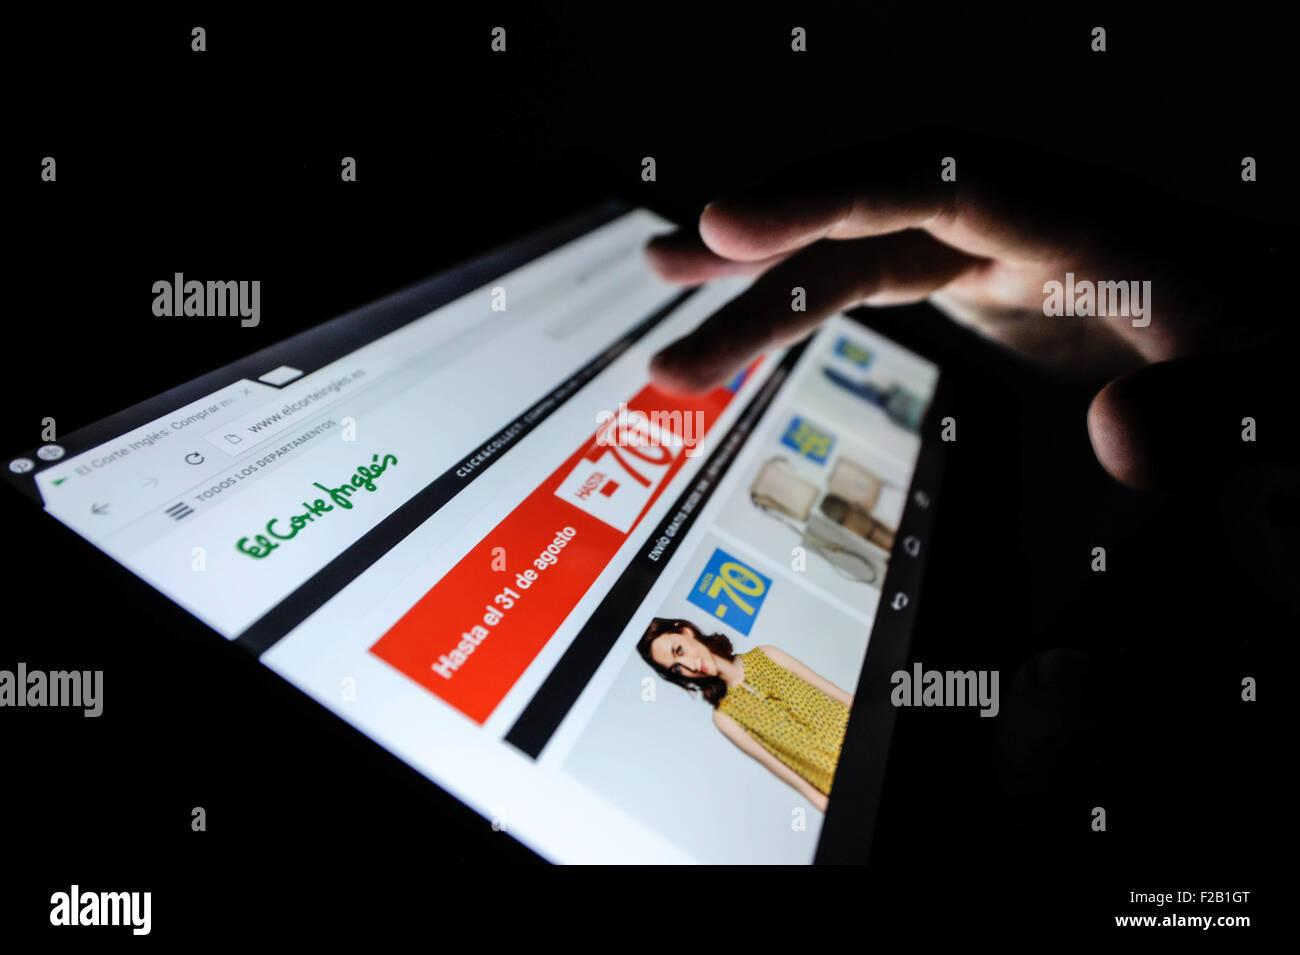 bca33e1452c Sitio web de compras on-line de El Corte Inglés- página web de las compras  en línea del Corte Inglés